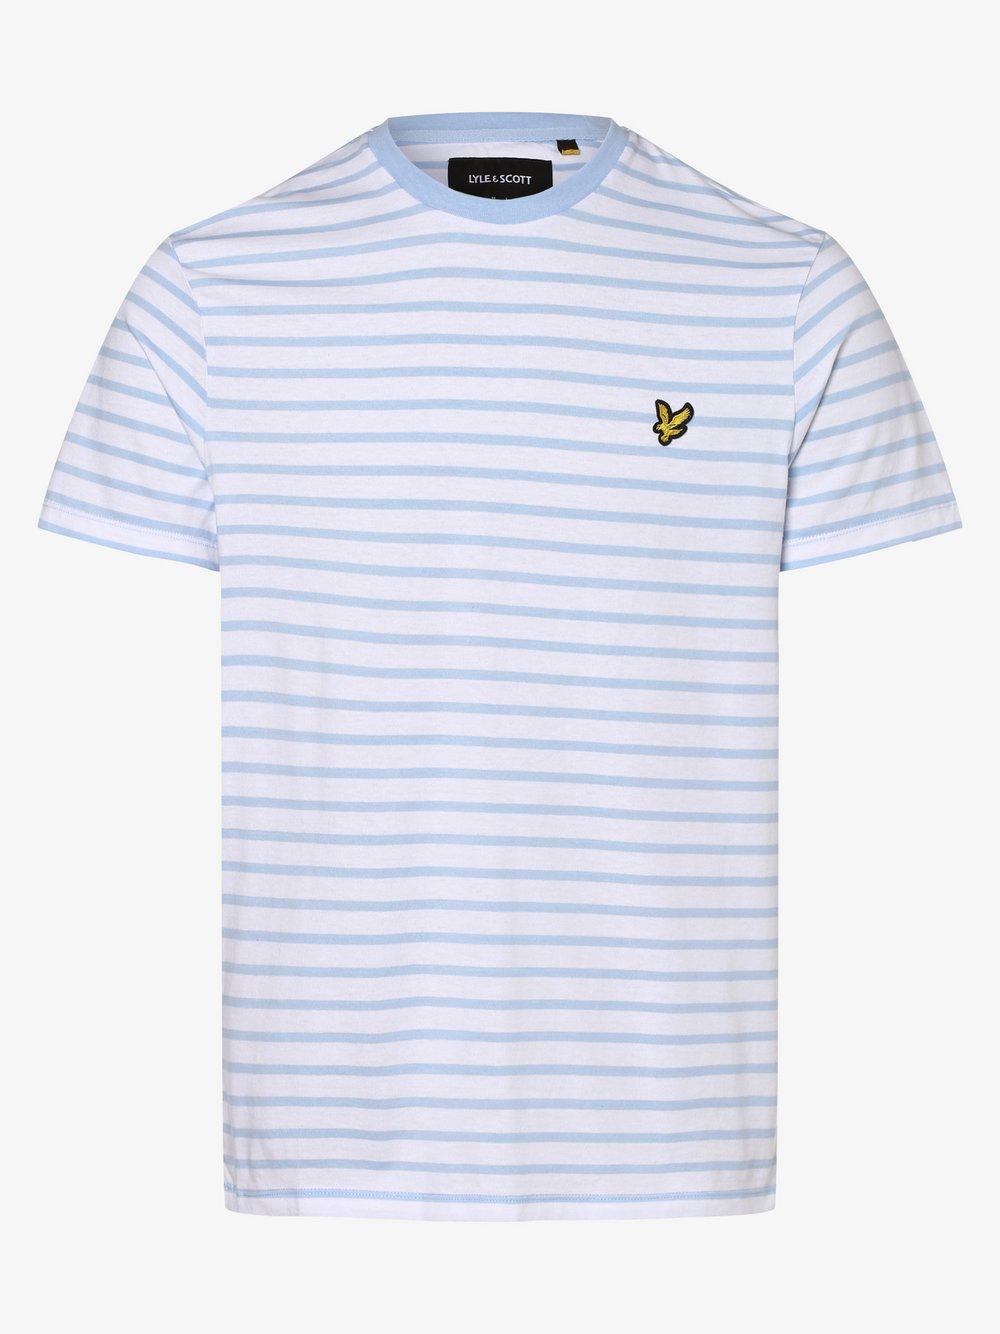 Lyle & Scott – T-shirt męski, niebieski Van Graaf 352721-0004-09900